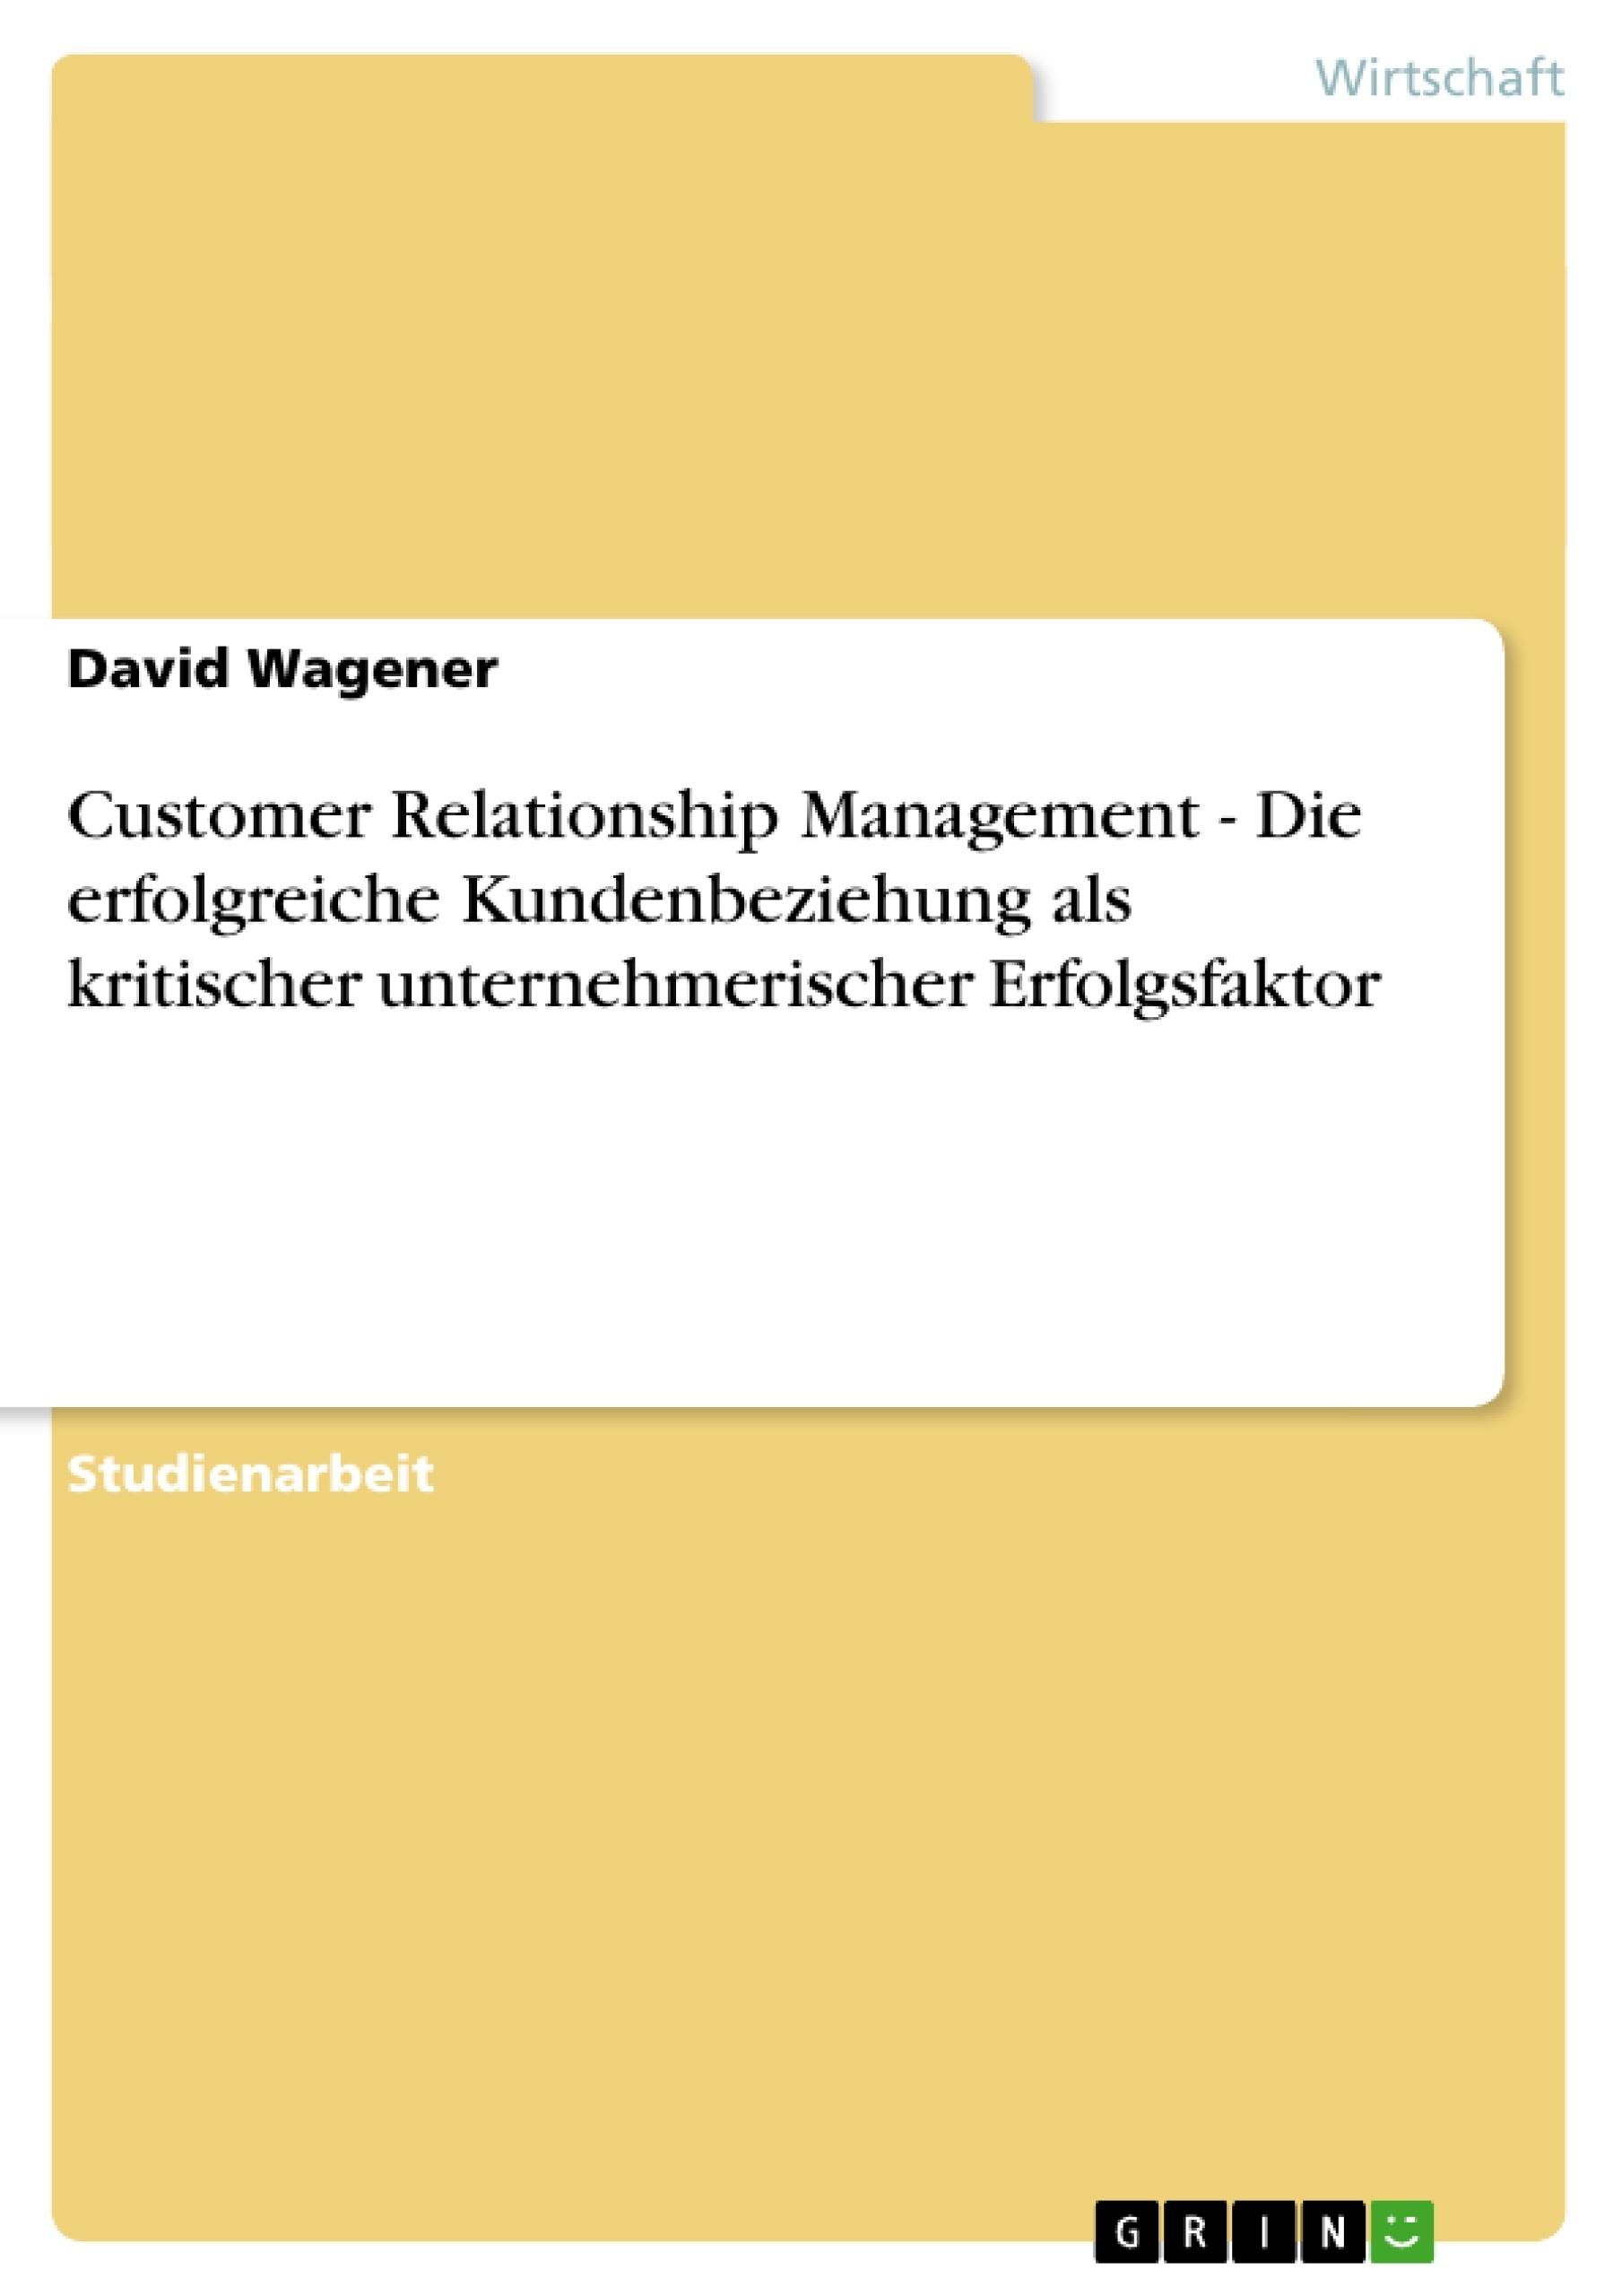 Titel: Customer Relationship Management - Die erfolgreiche Kundenbeziehung als kritischer unternehmerischer Erfolgsfaktor